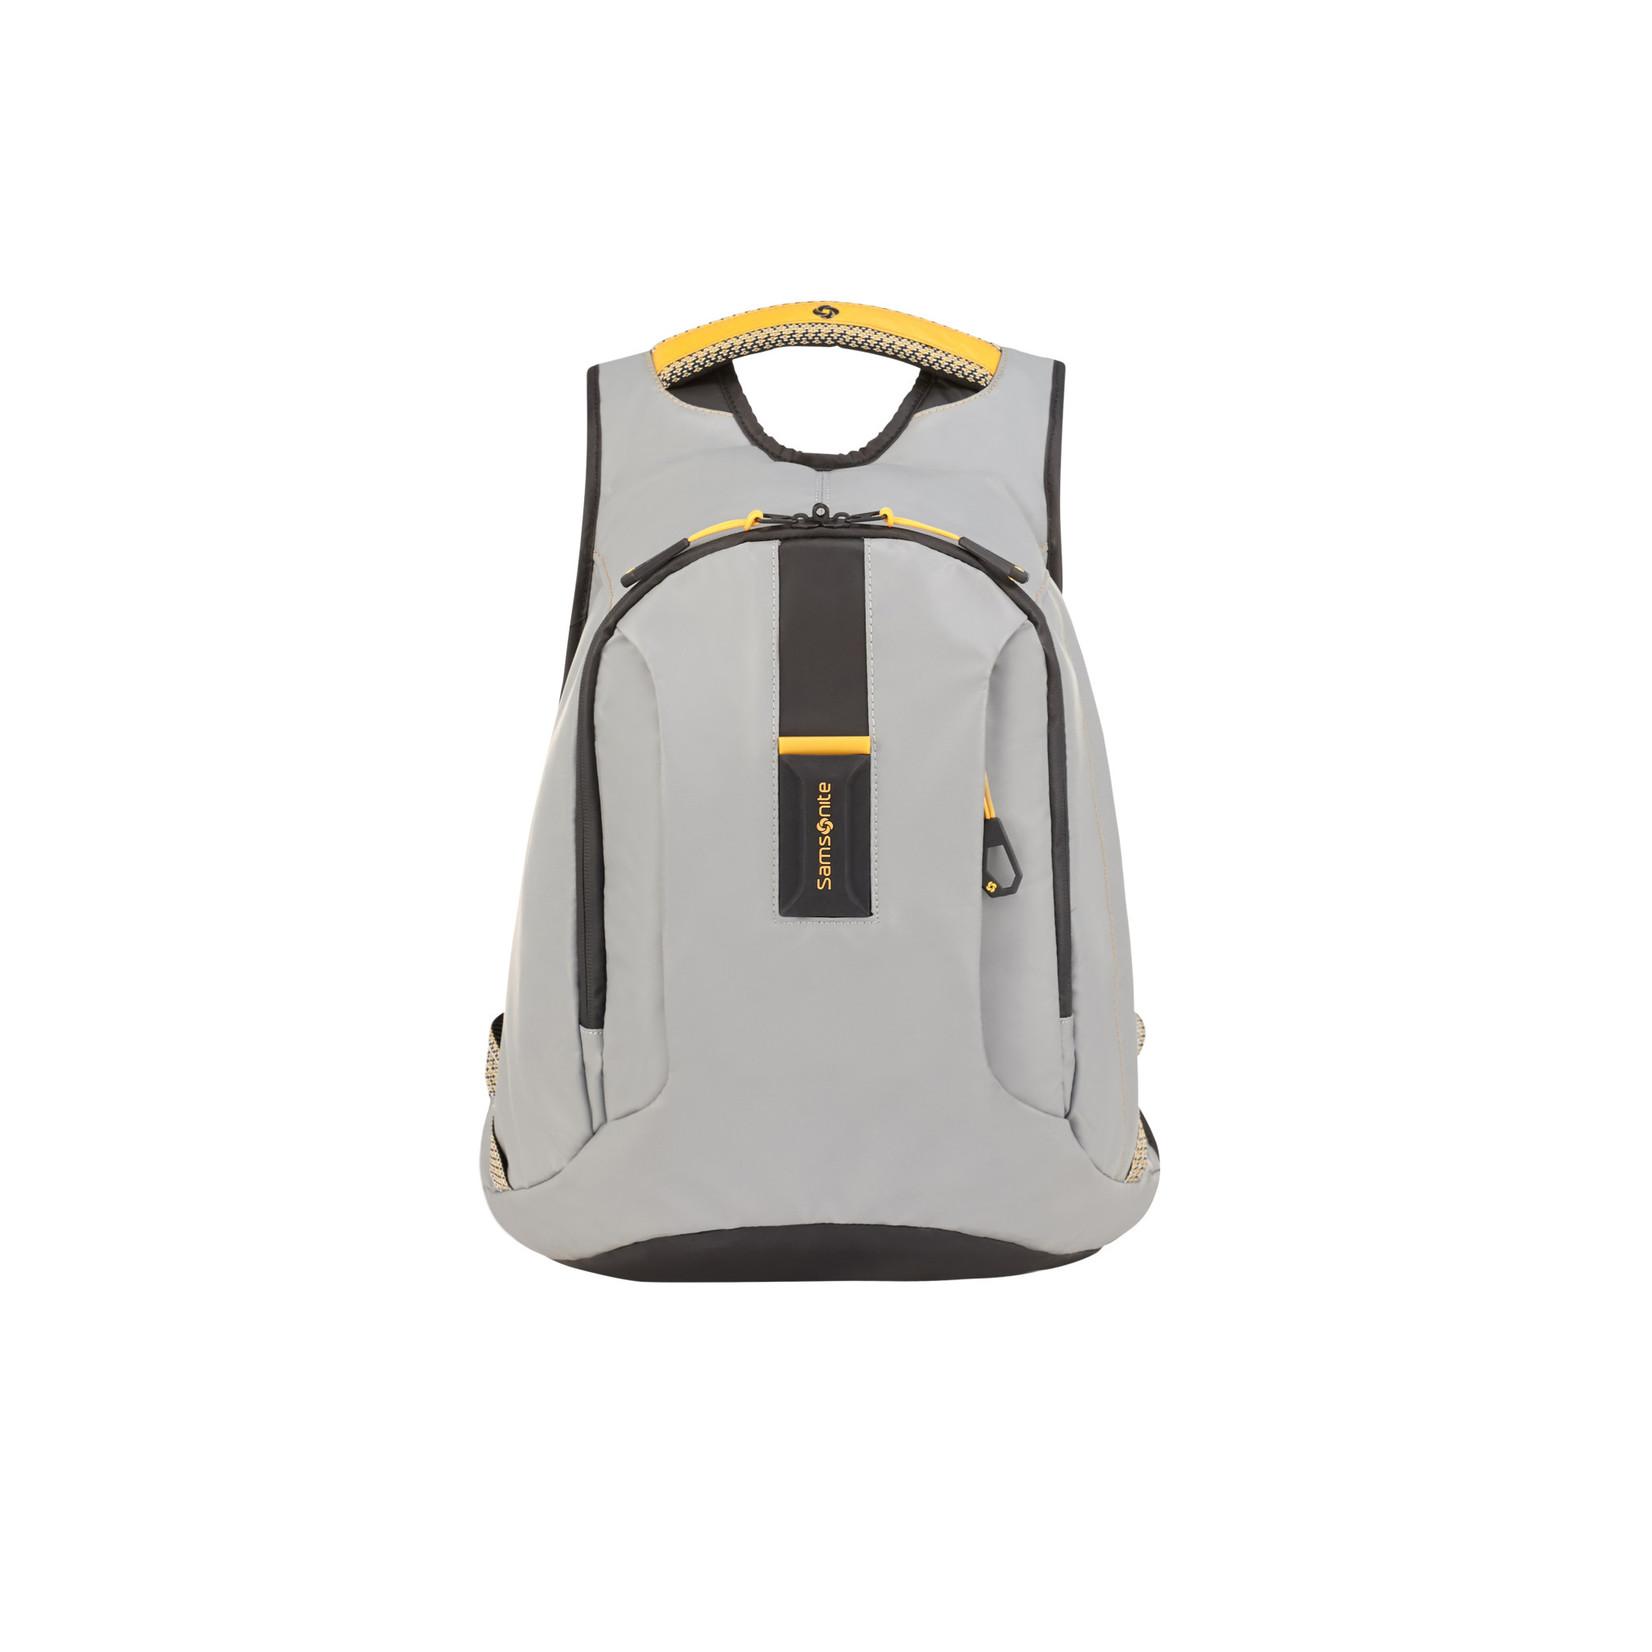 Samsonite Rugtas Paradiver Light Grey-Yellow